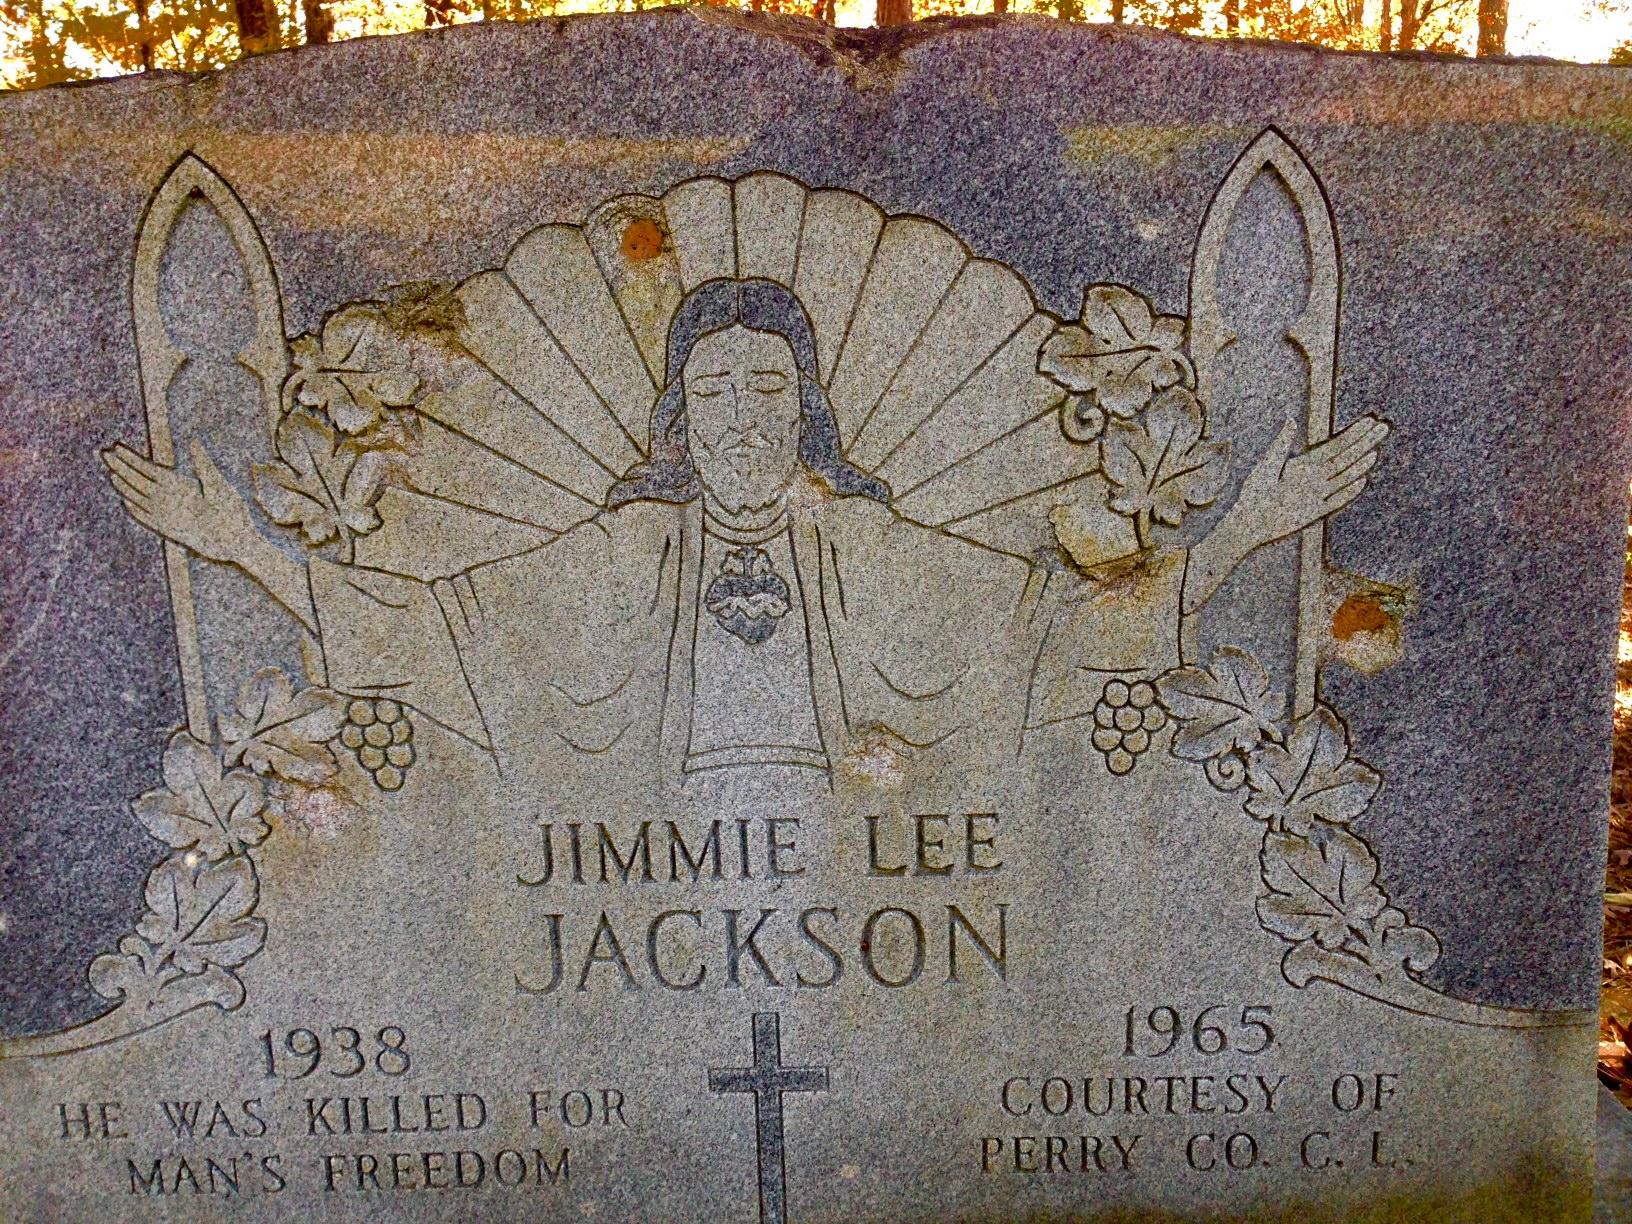 Jimmie Lee & James: Two Selma Landmarks